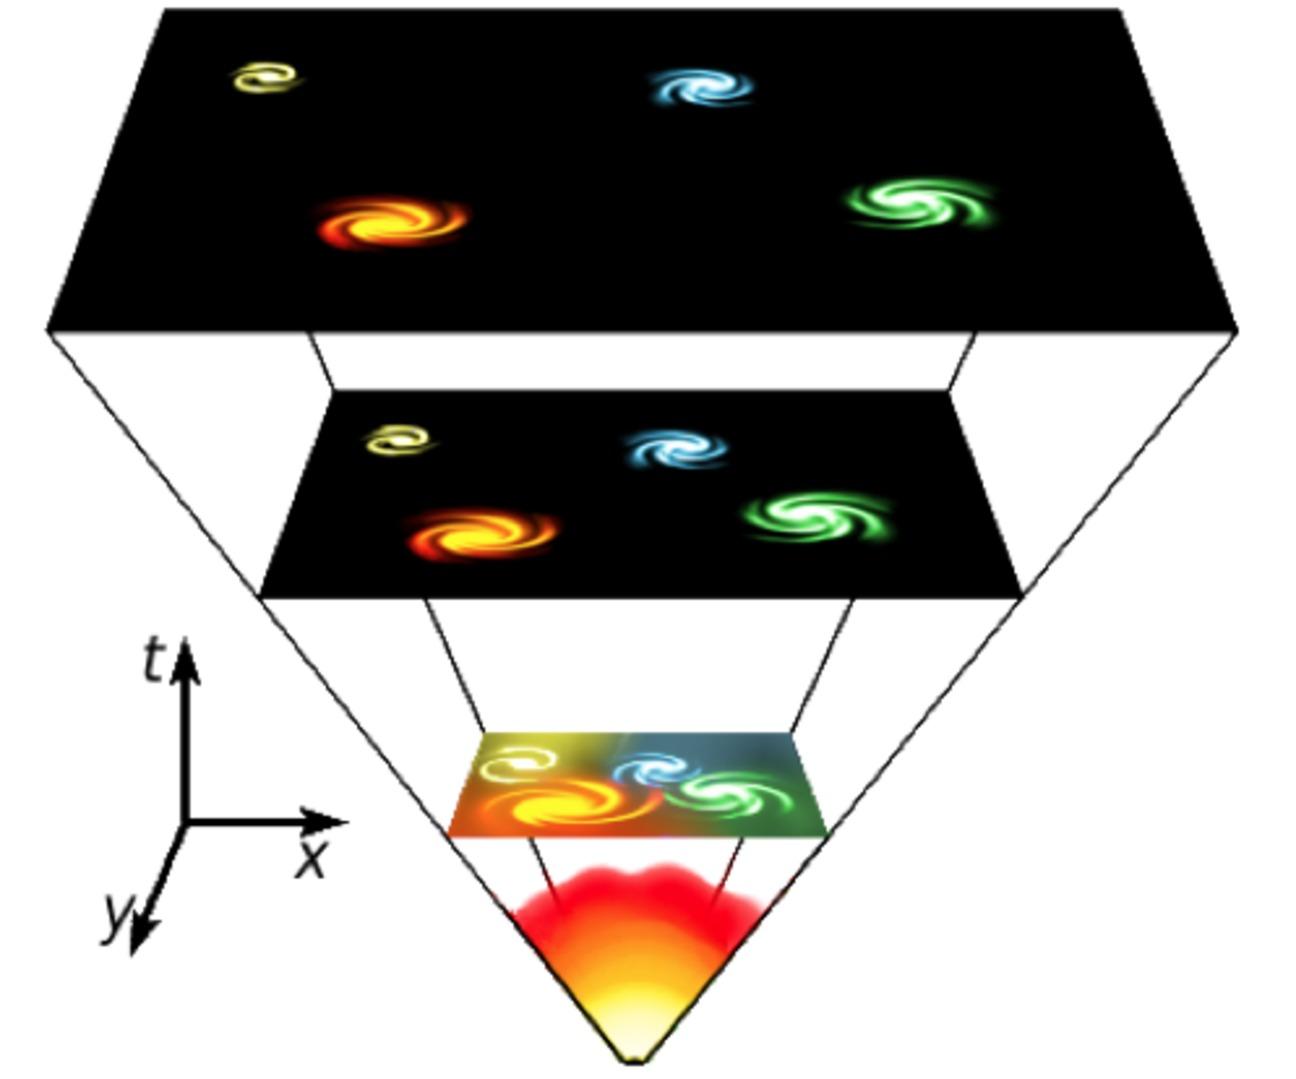 Наглядная модель расширения Вселенной со времен Большого Взрыва